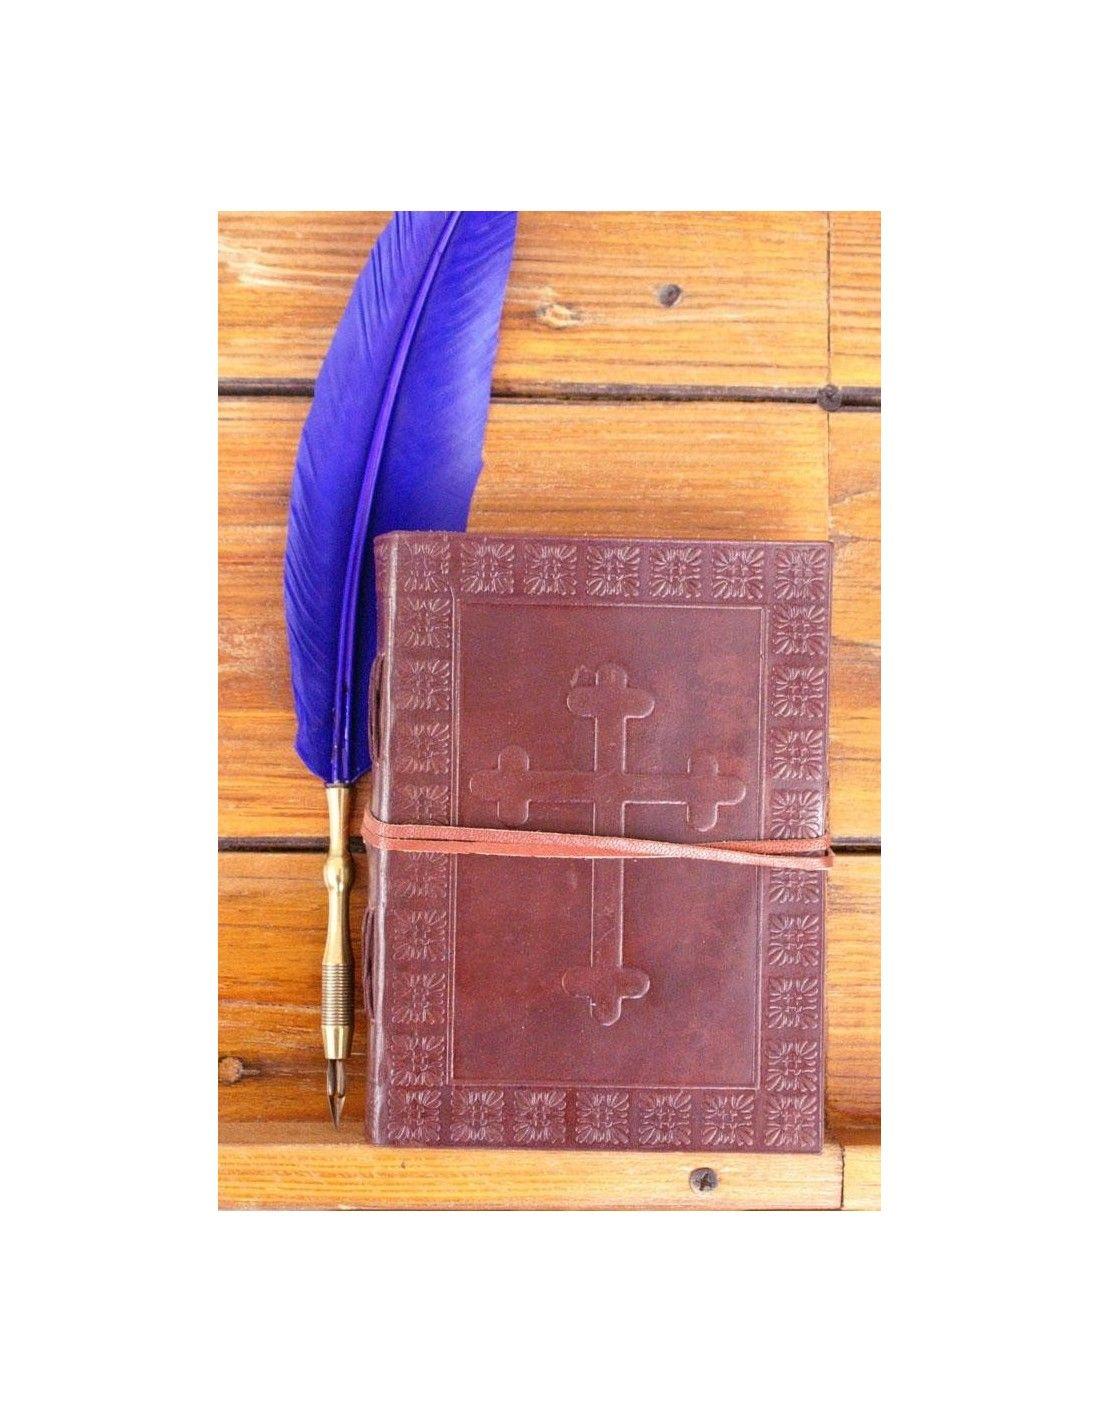 Nahkakantinen muistikirja keskiaikasella ristillä